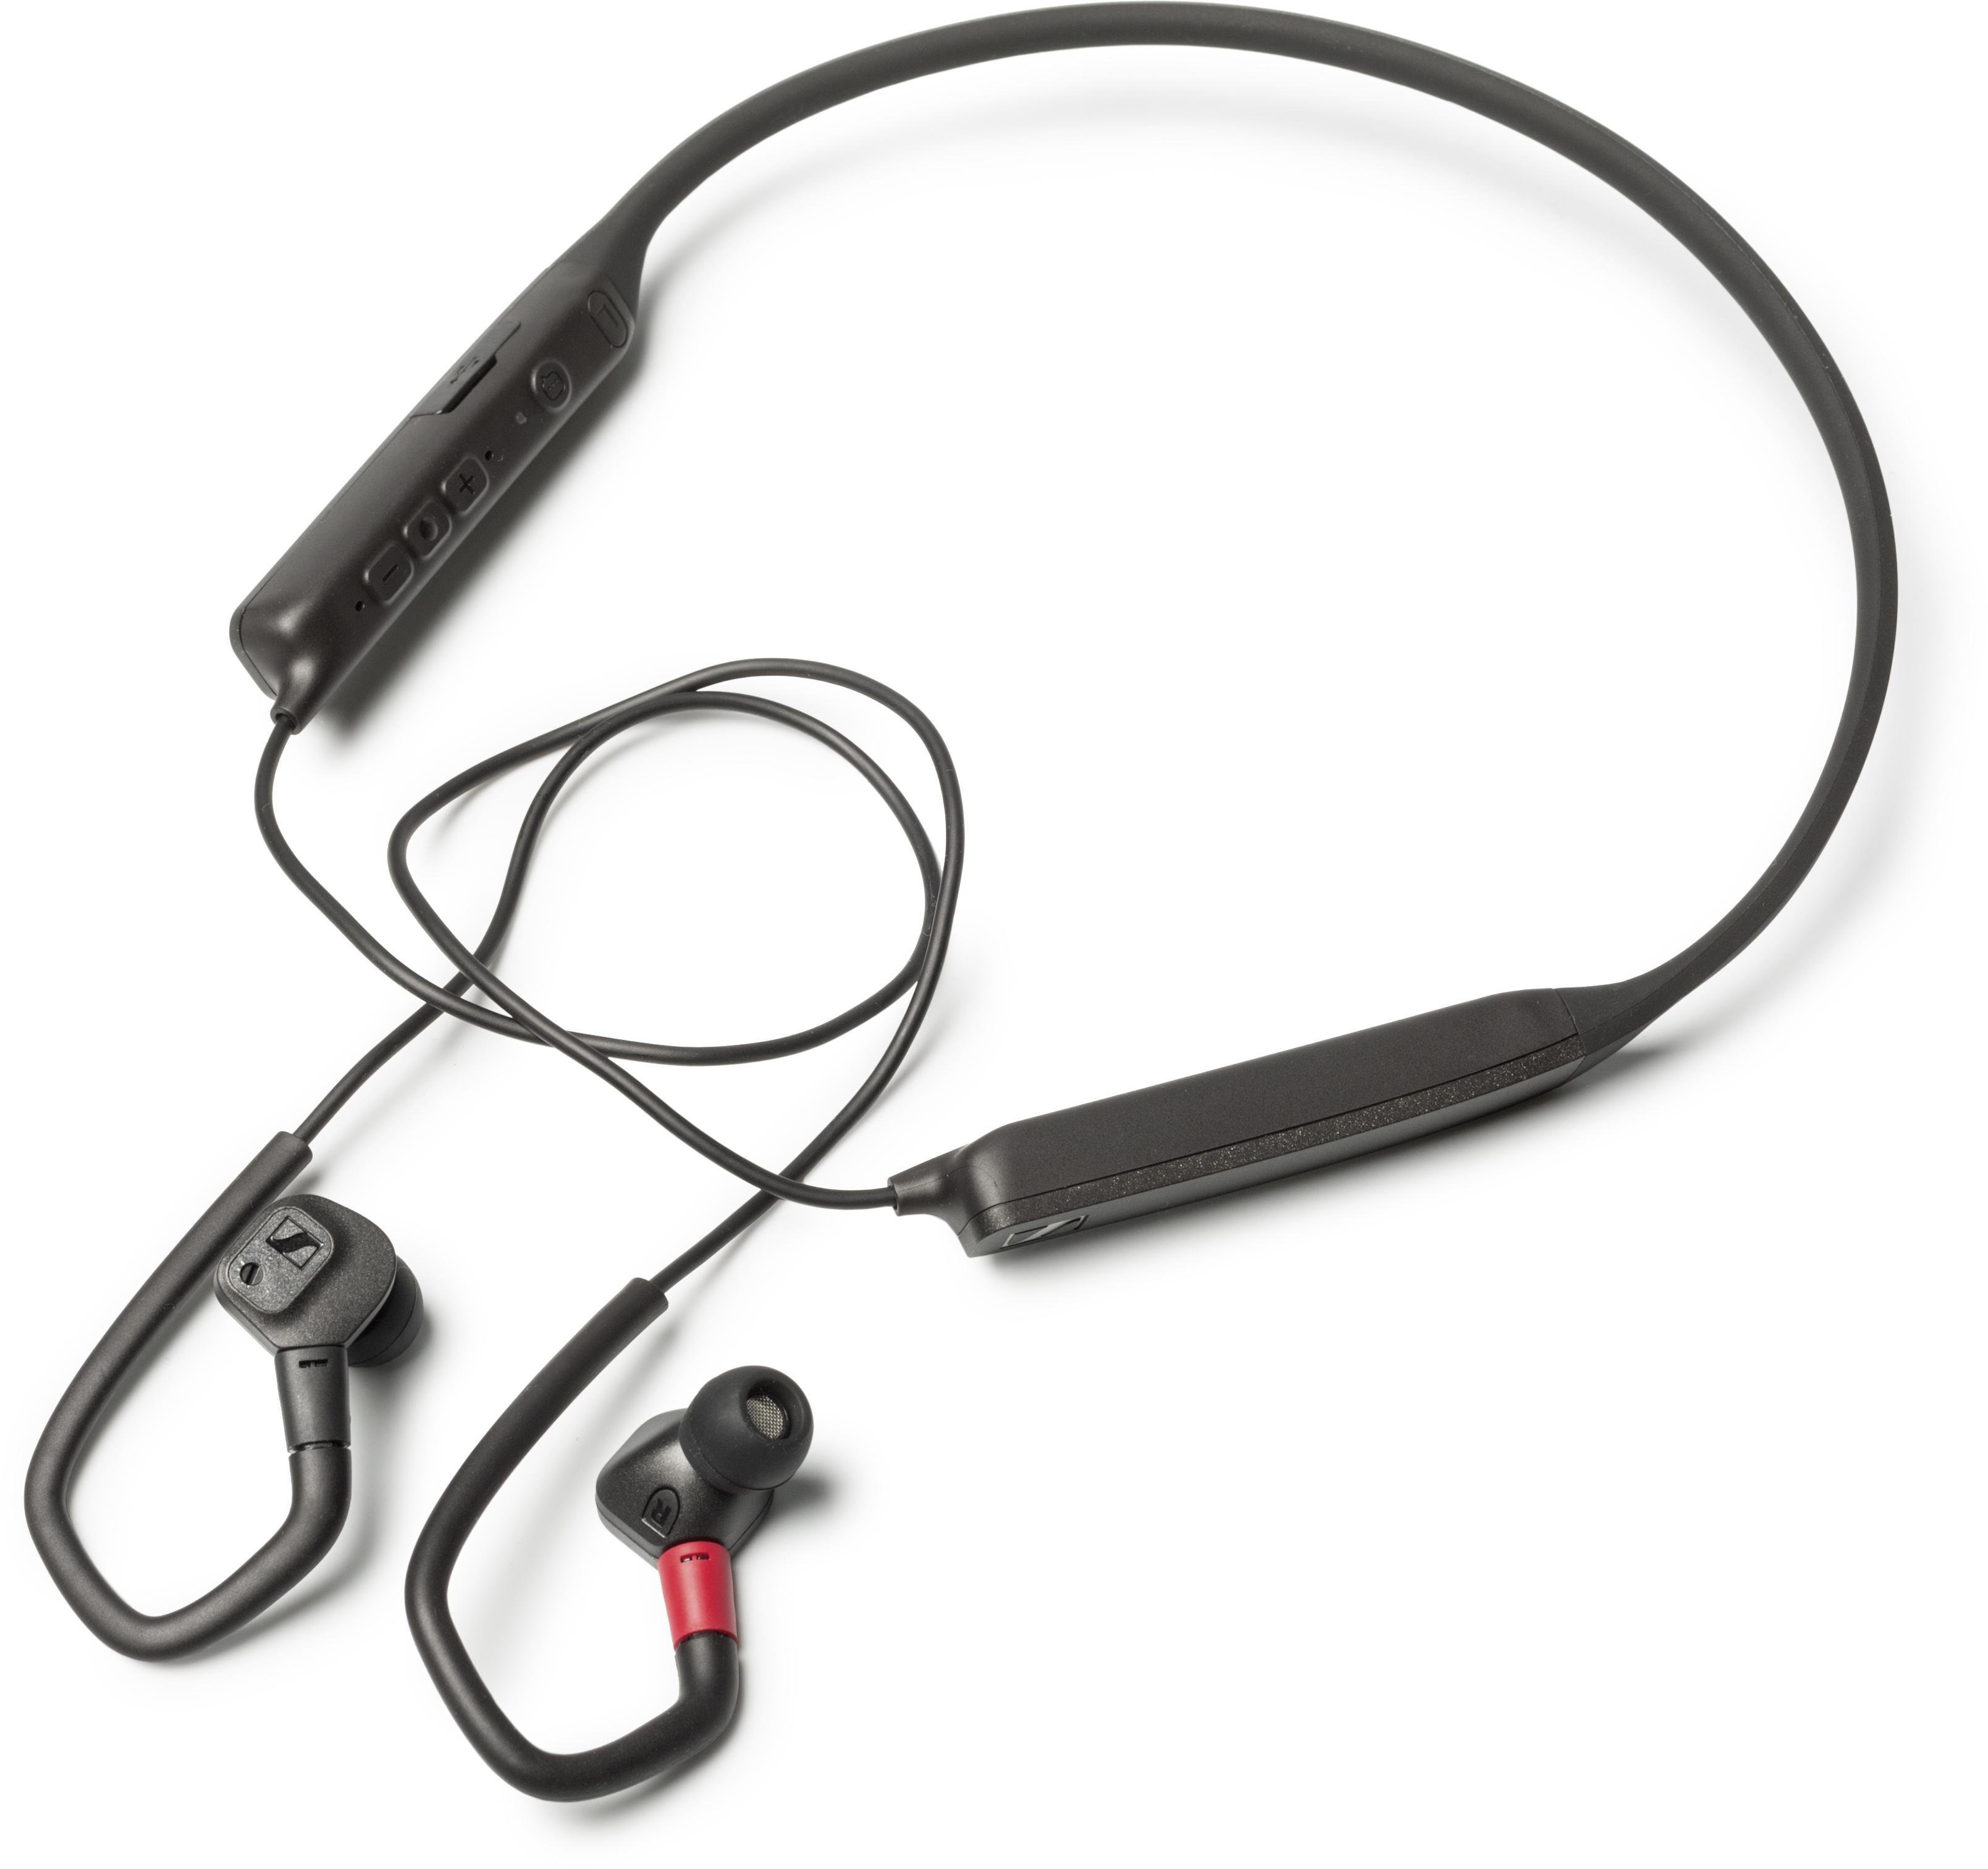 Modifizierbare In-Ears